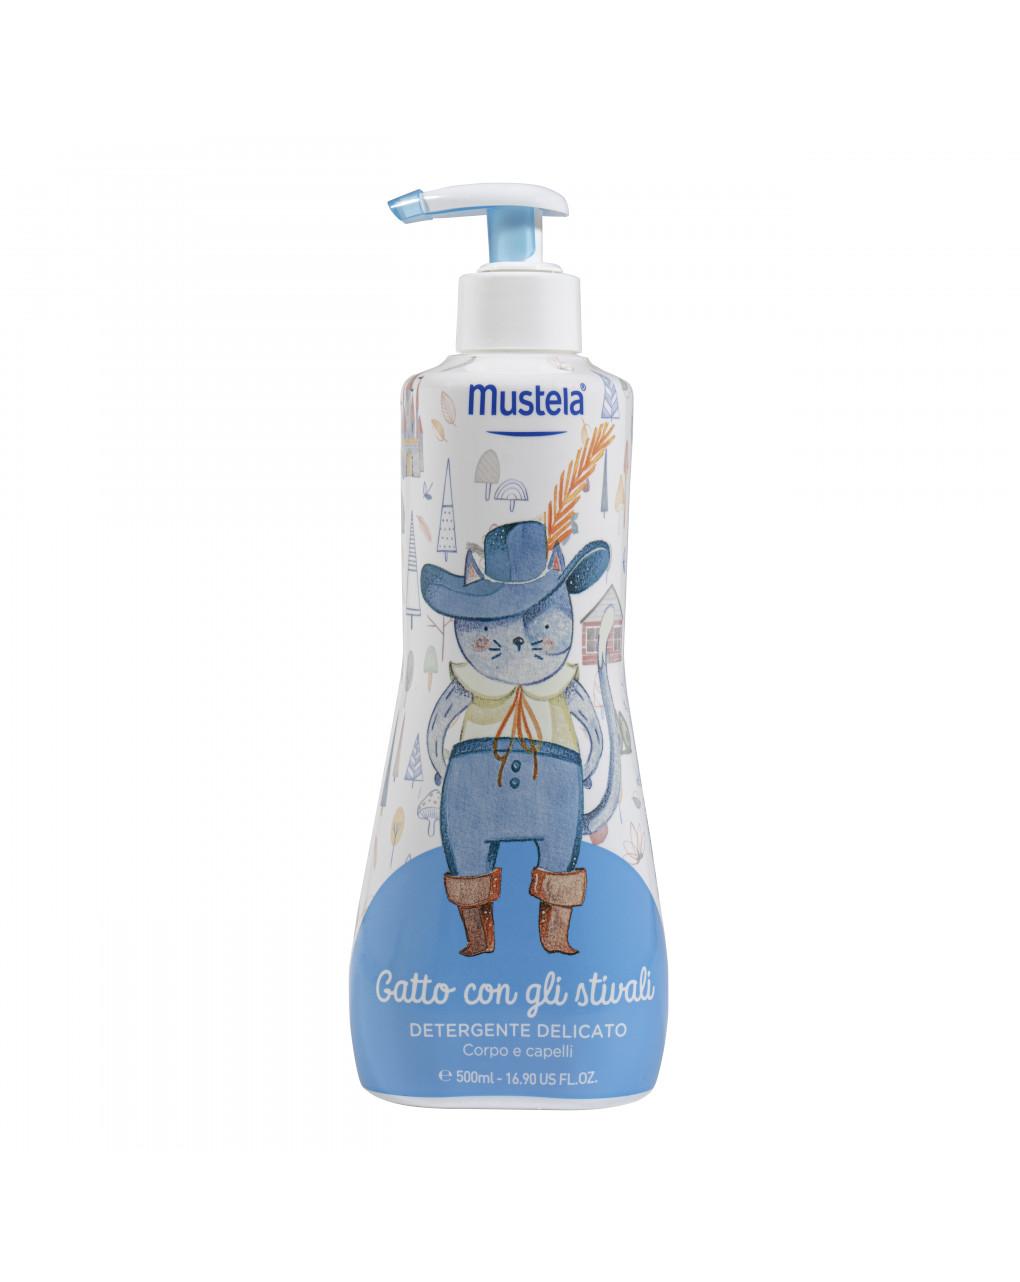 Detergente delicato 500 ml limited edition - gatto con gli stivali - Mustela